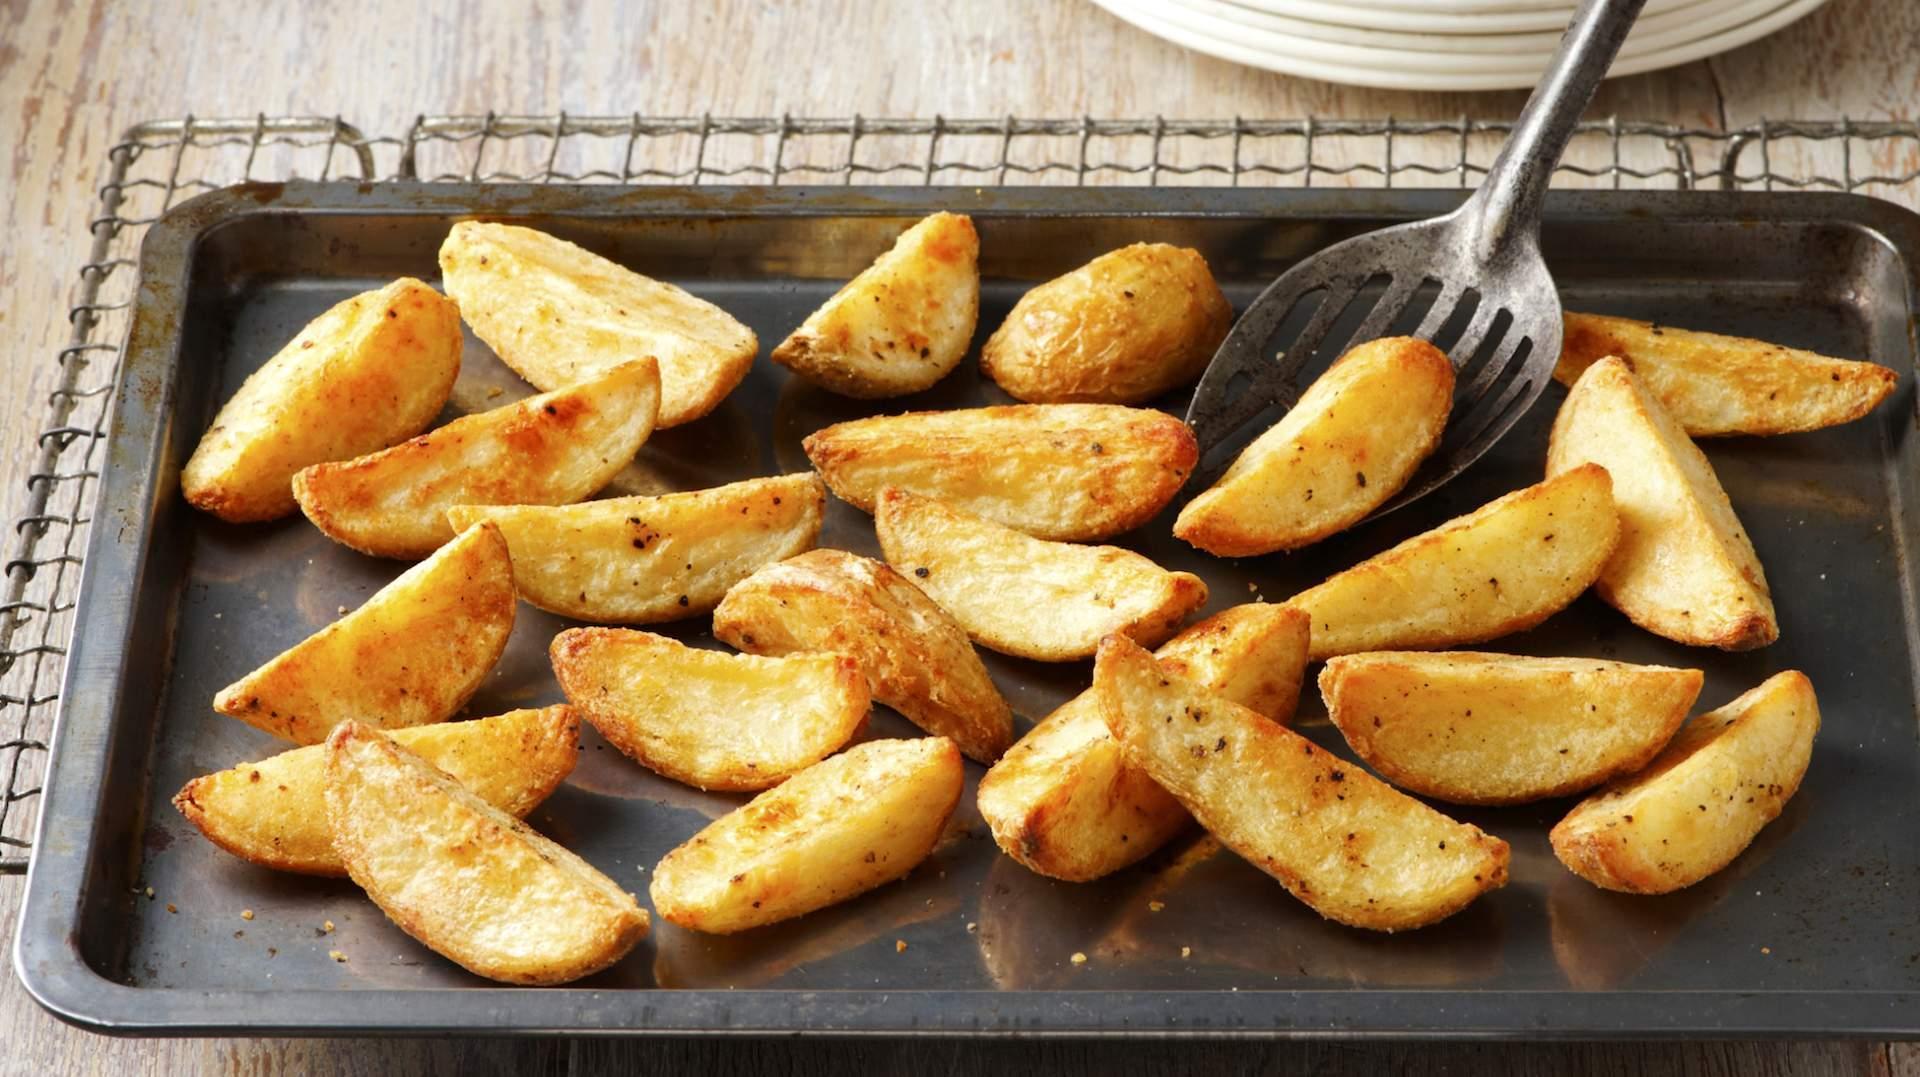 Savjeti: Na koje načine možete pripremiti krompir